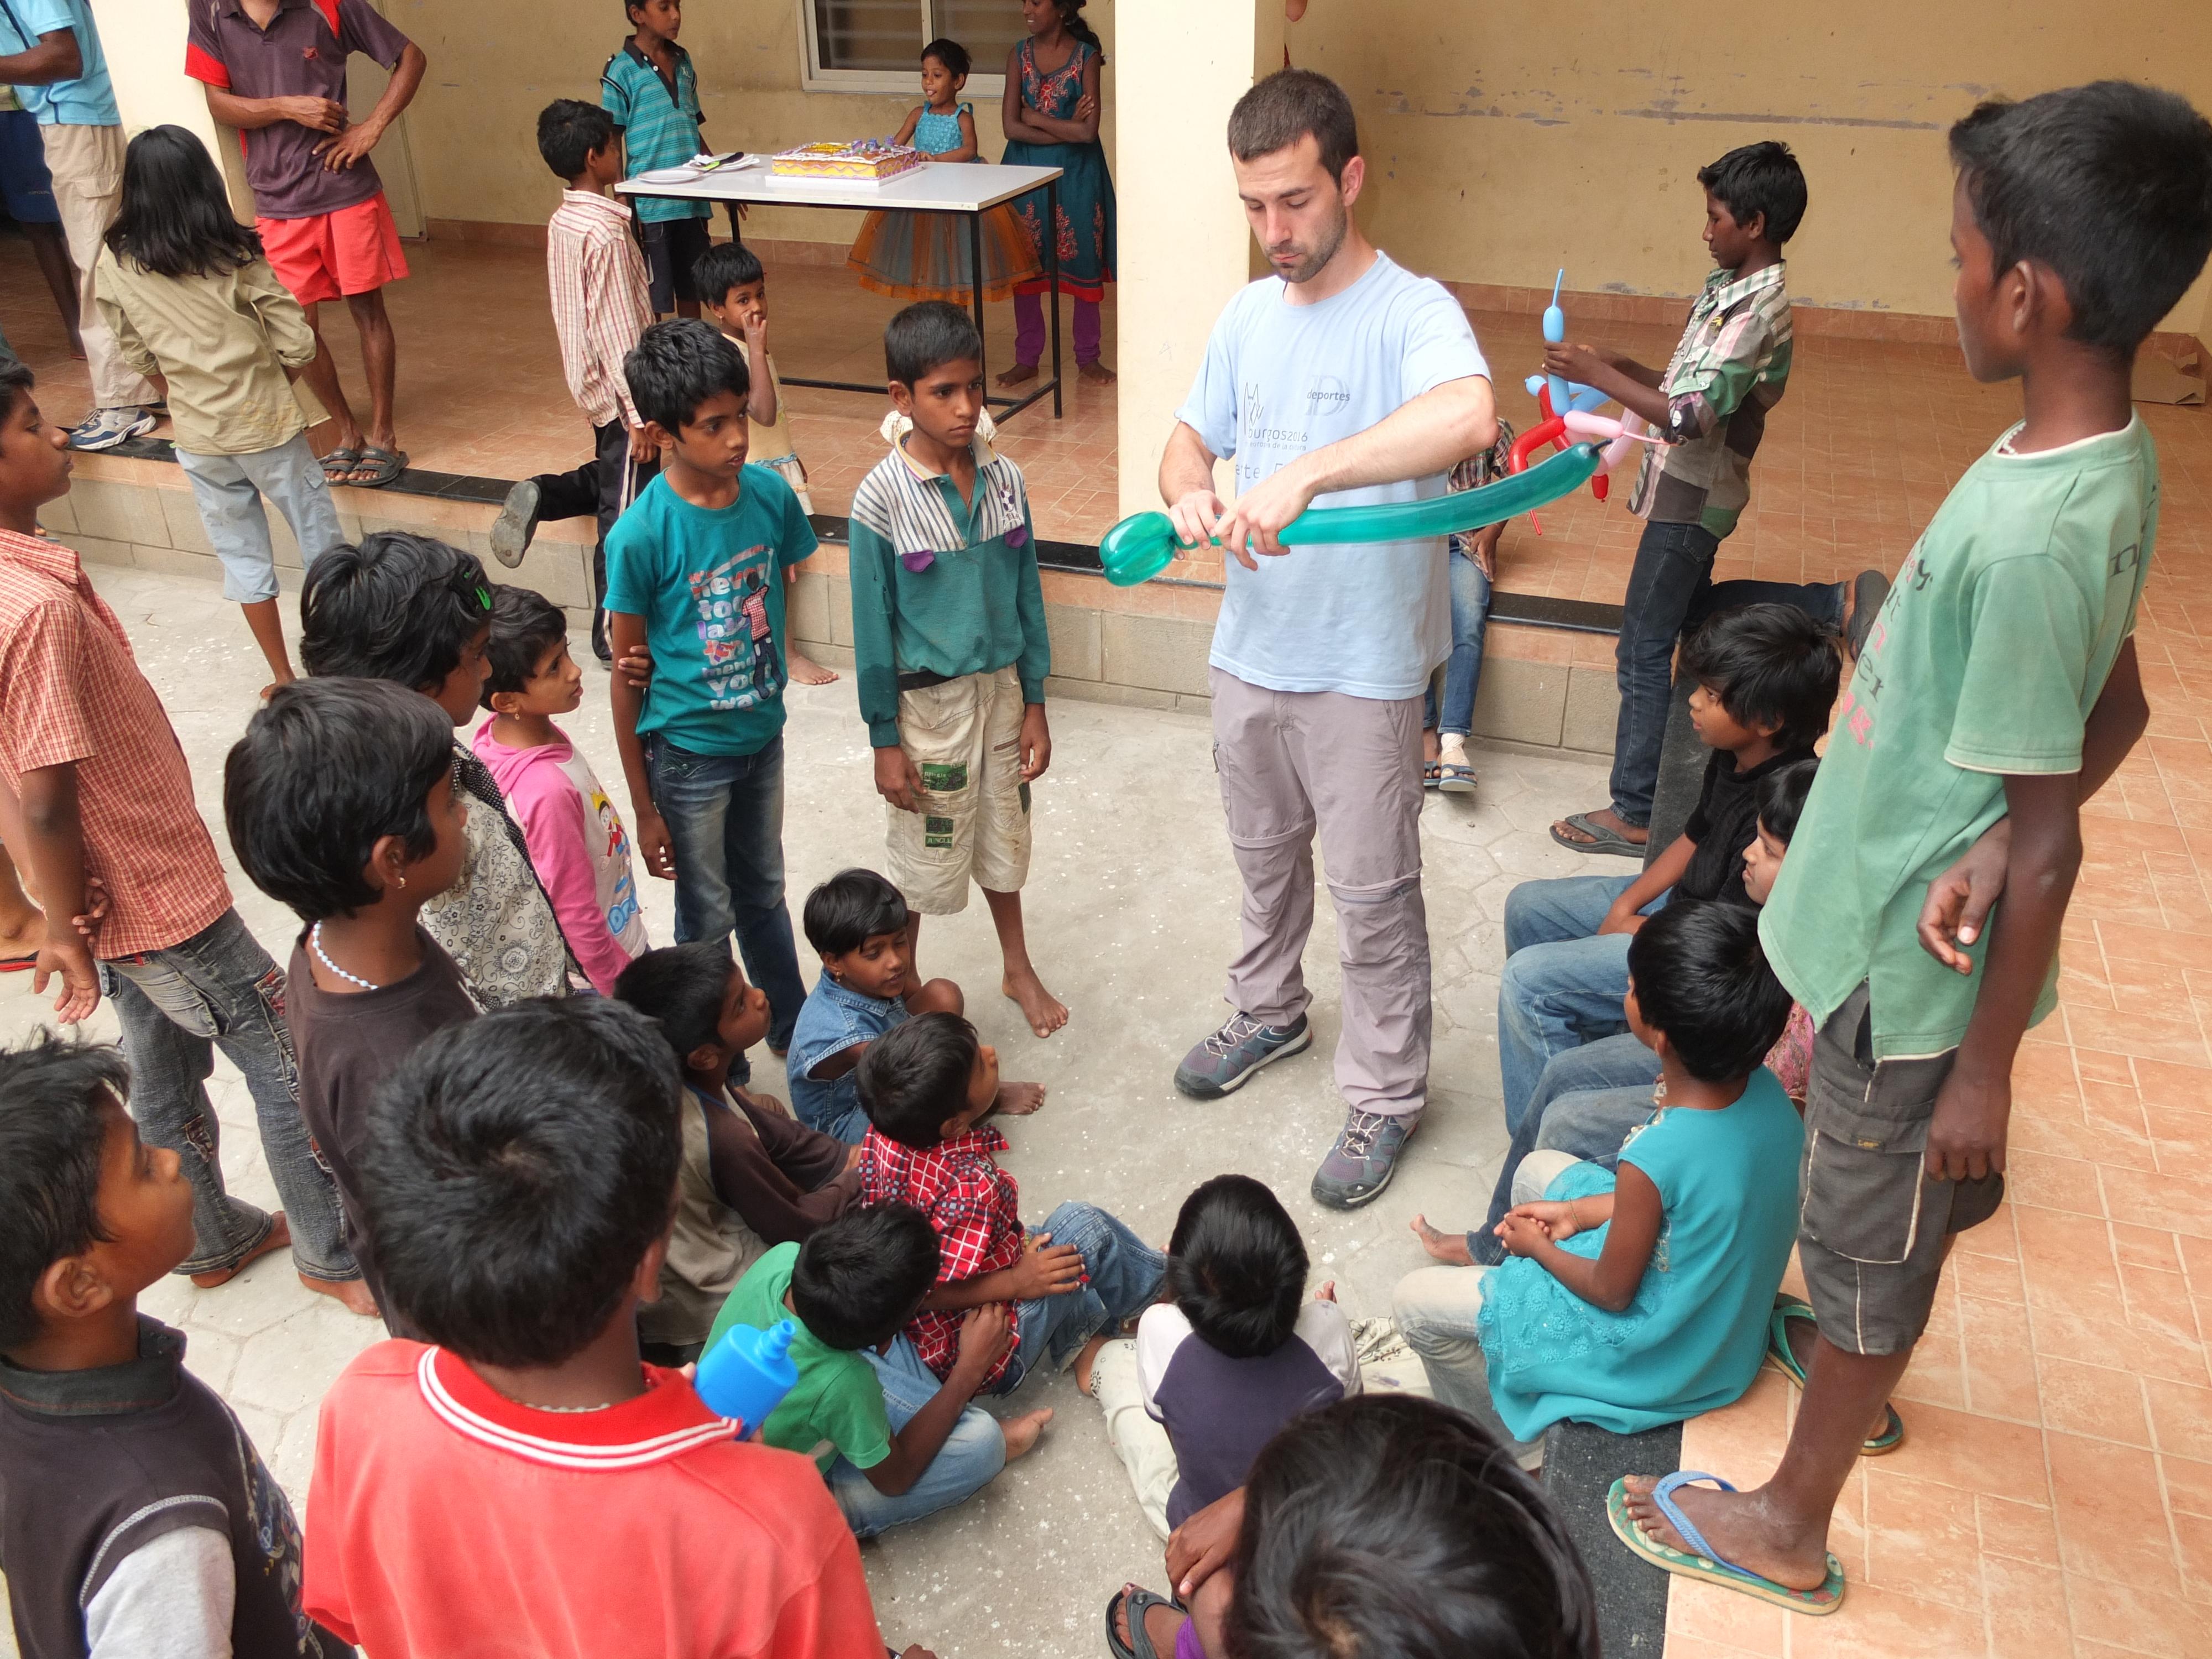 Un año más, los universitarios burgaleses se han solidarizado con los empobrecidos de la India.